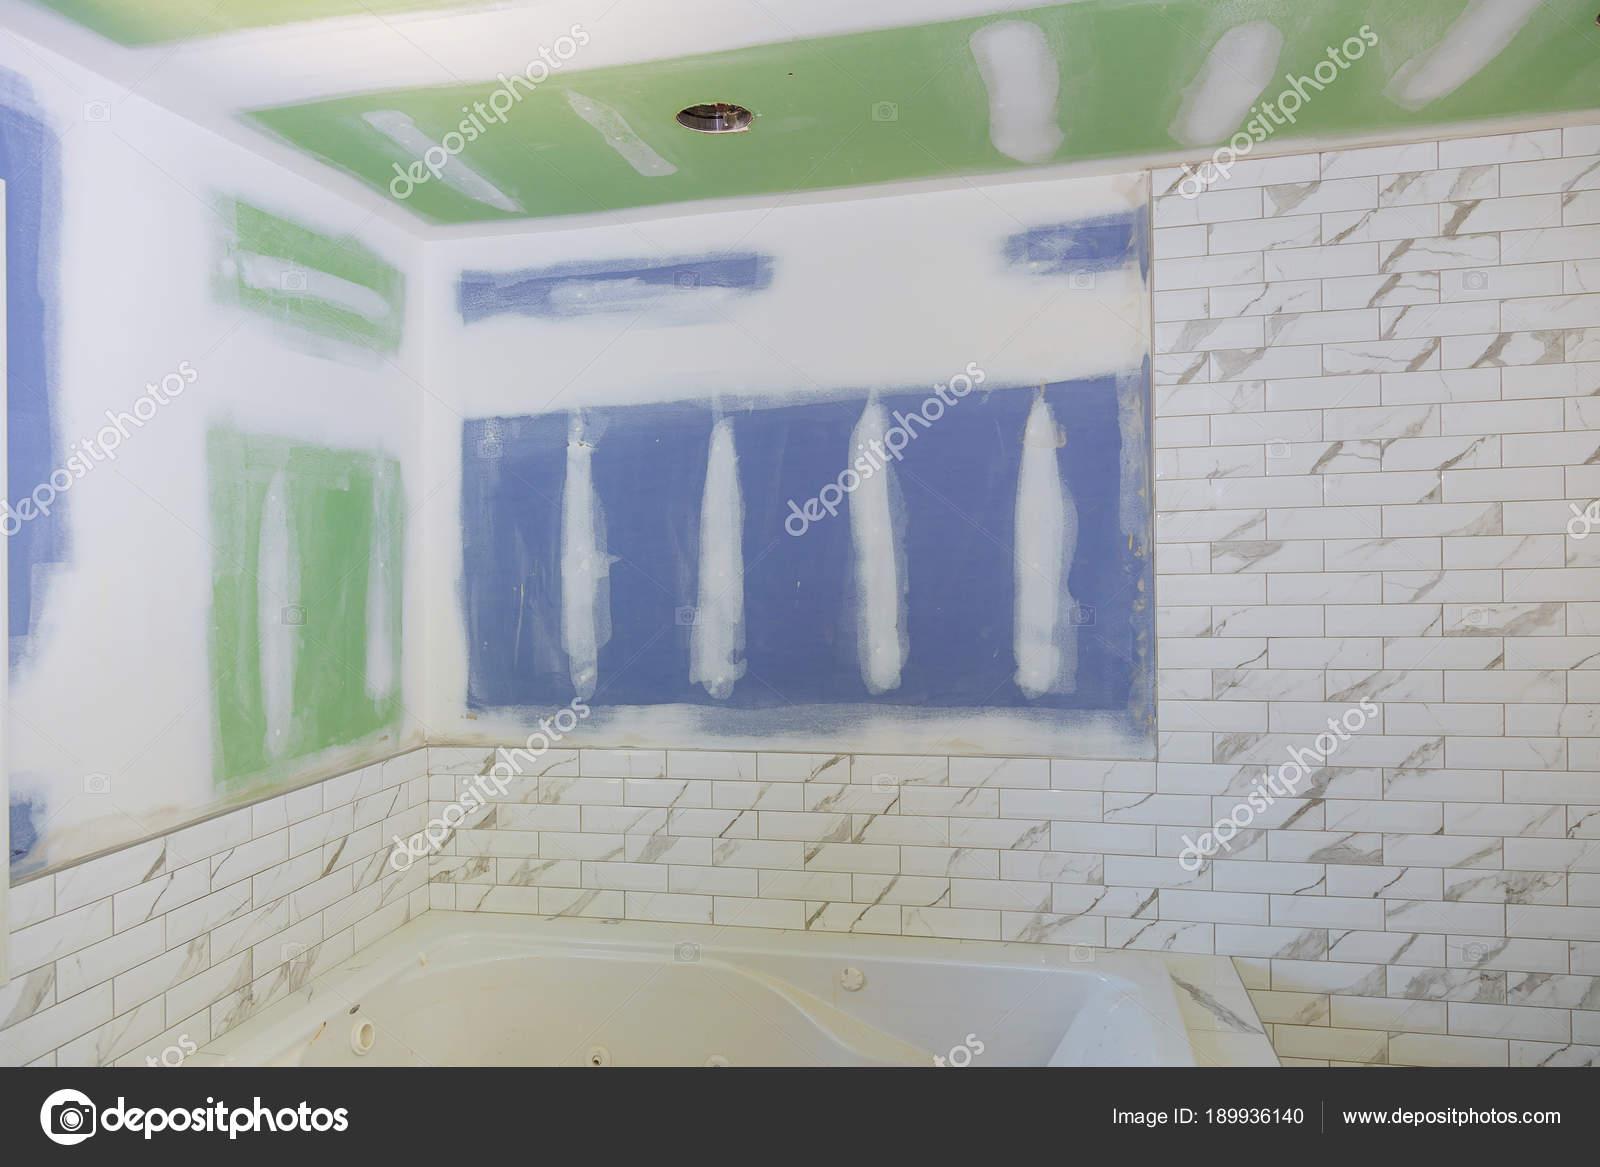 Nowy Pod Budowę łazienki Wnętrza Z Płyt Kartonowo Gipsowych